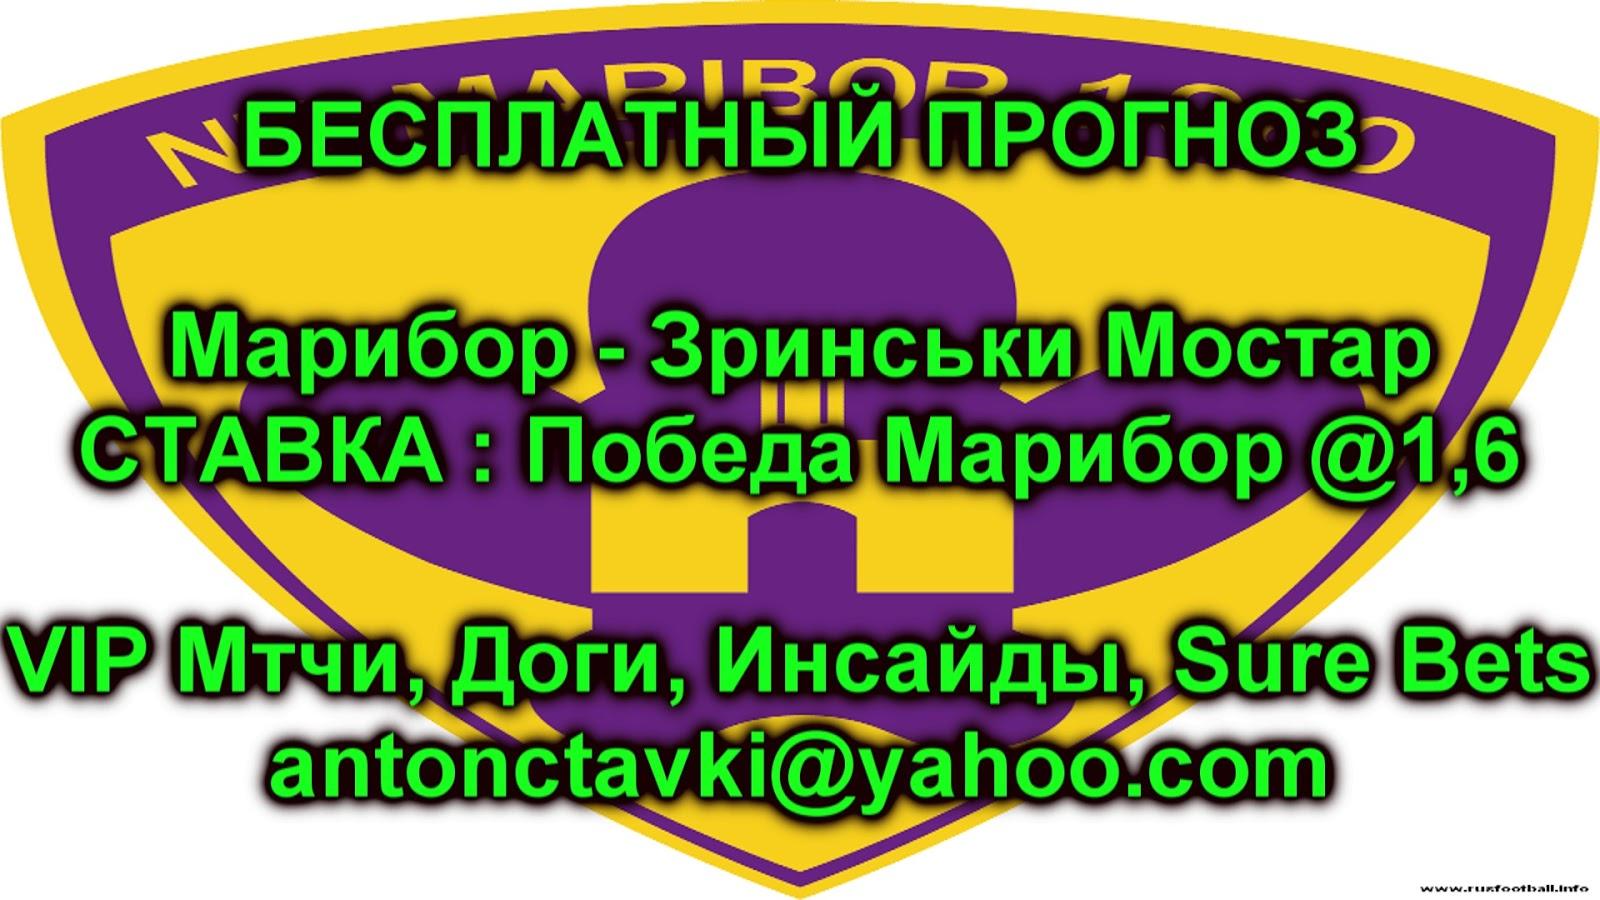 Спорт лига бесплатный прогноз ставки транспортного налога по ростовской обл